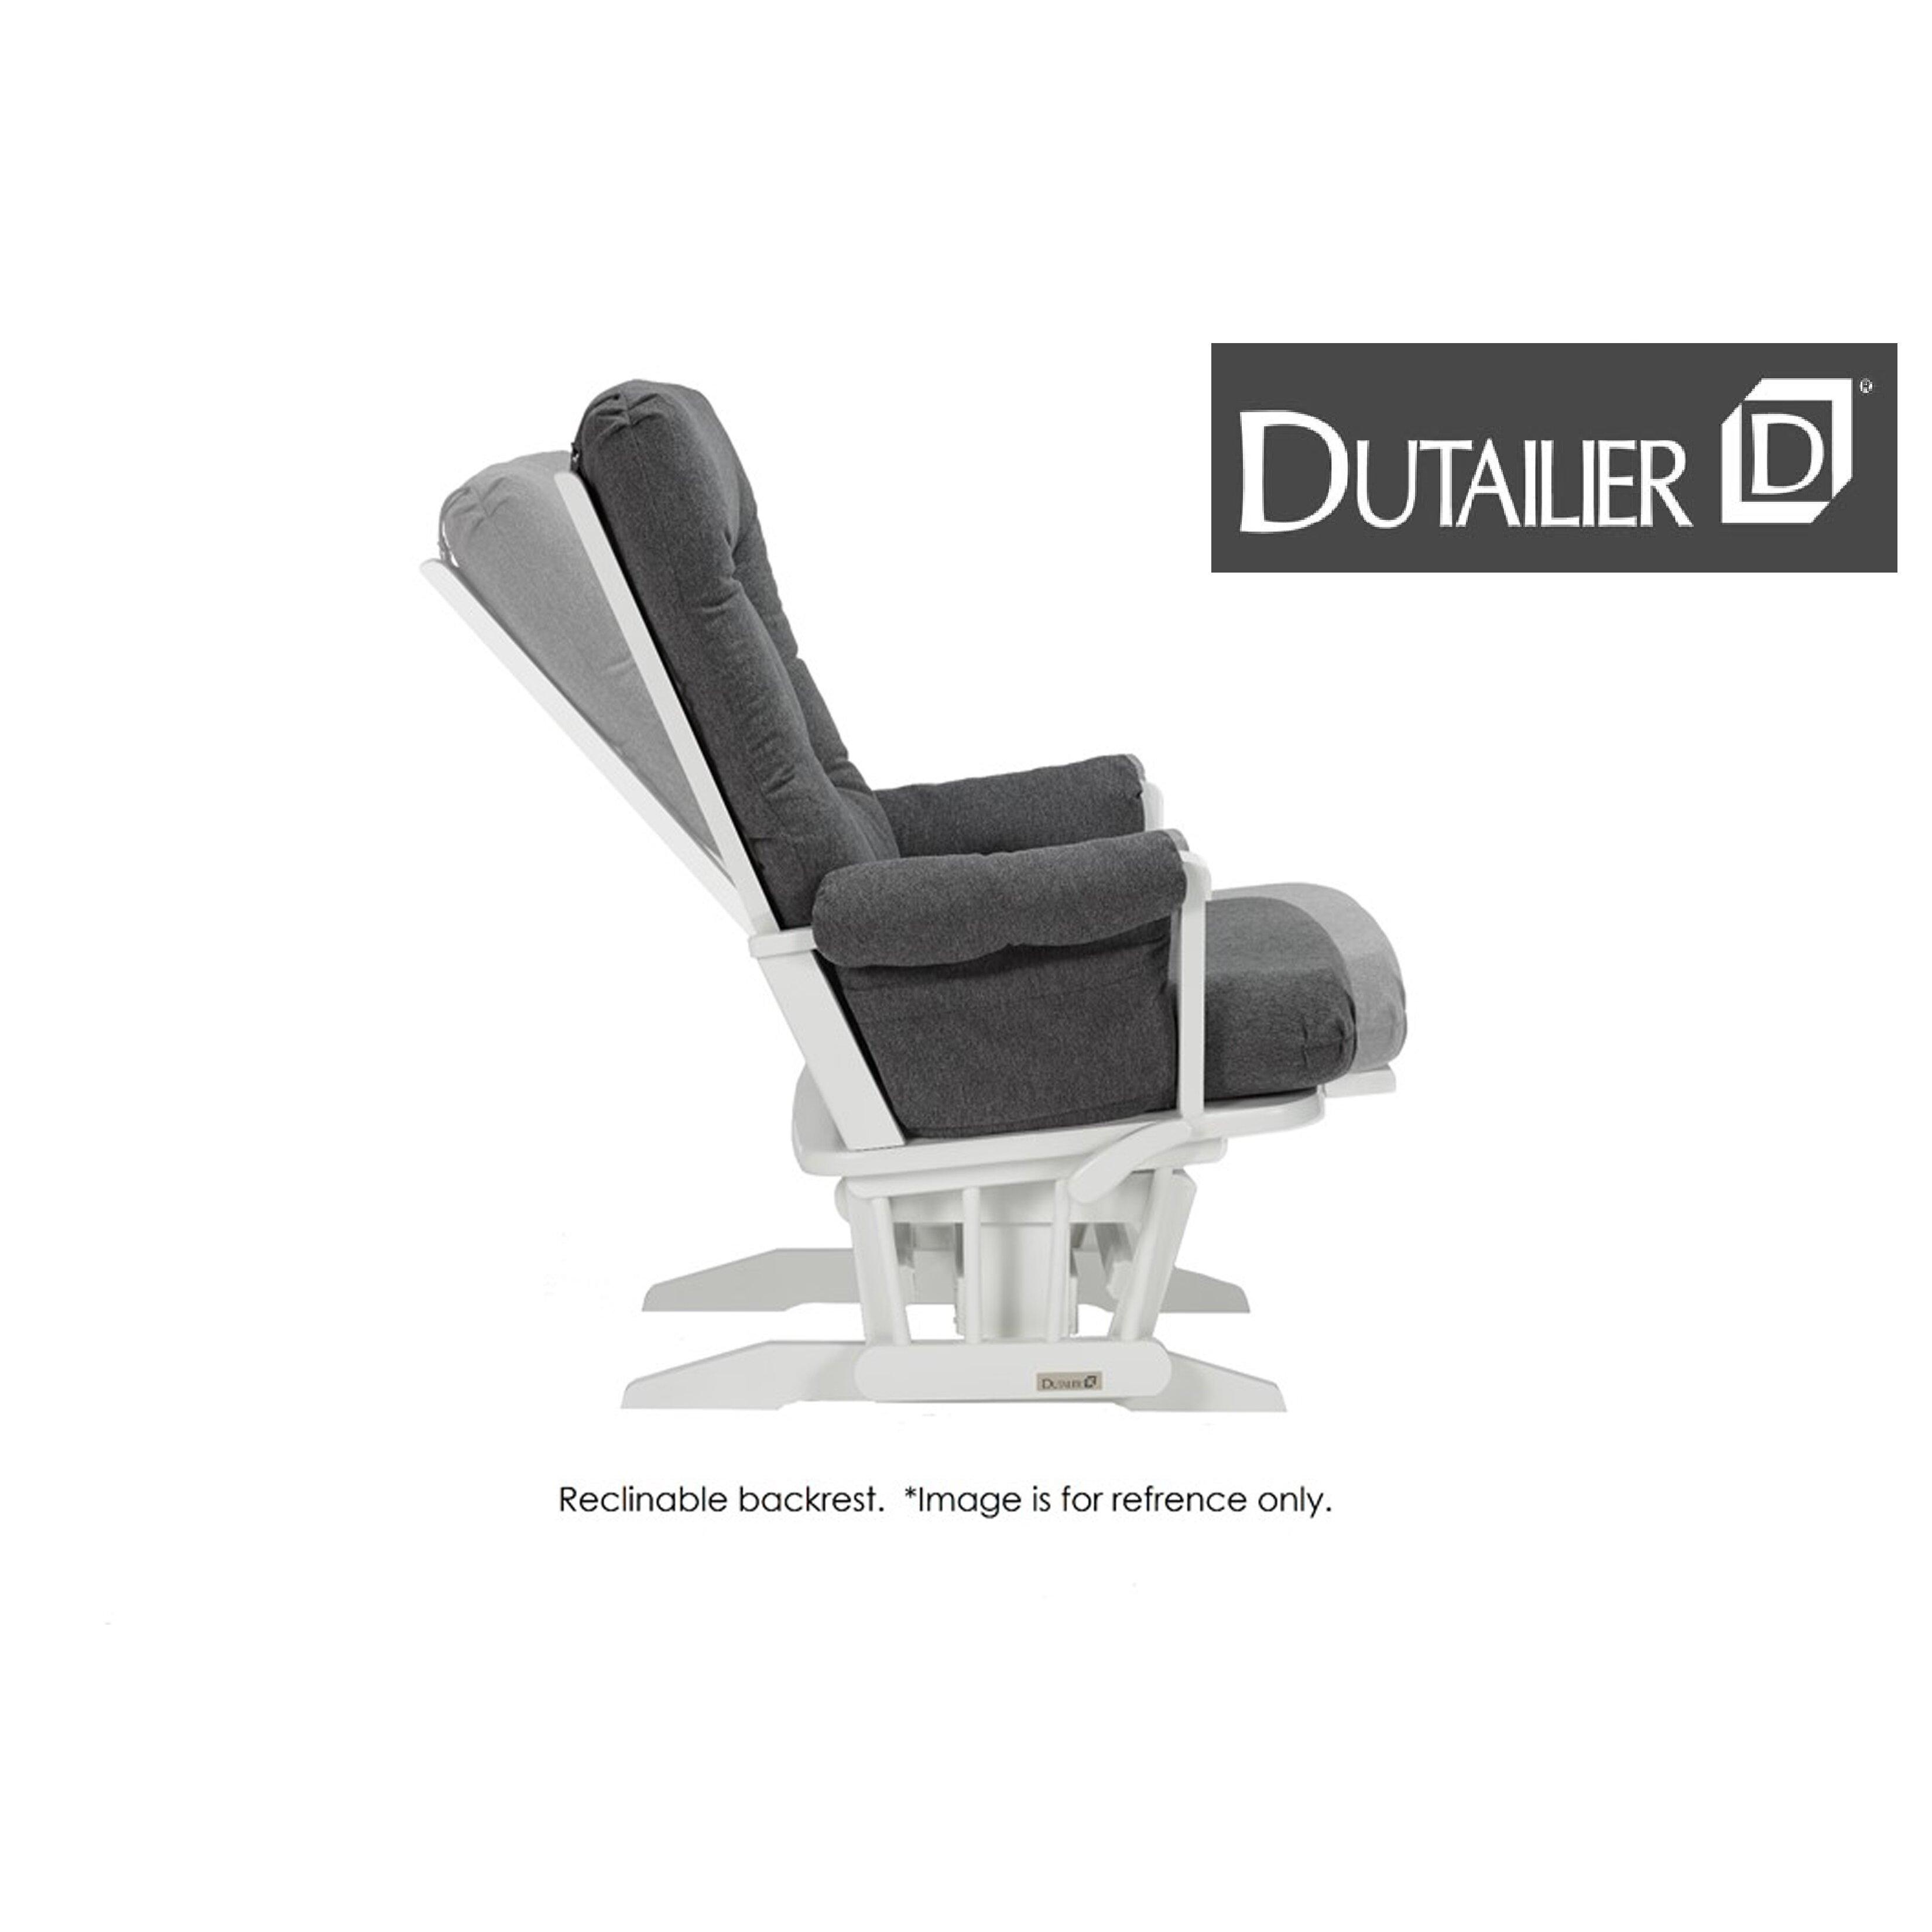 Dutailier Sleigh Glider Multiposition Recline Nursing Ottoman Combo  Dutailier Multi Position Reclining Sleigh Nursing Glider . Dutailier Sleigh  Glider ...